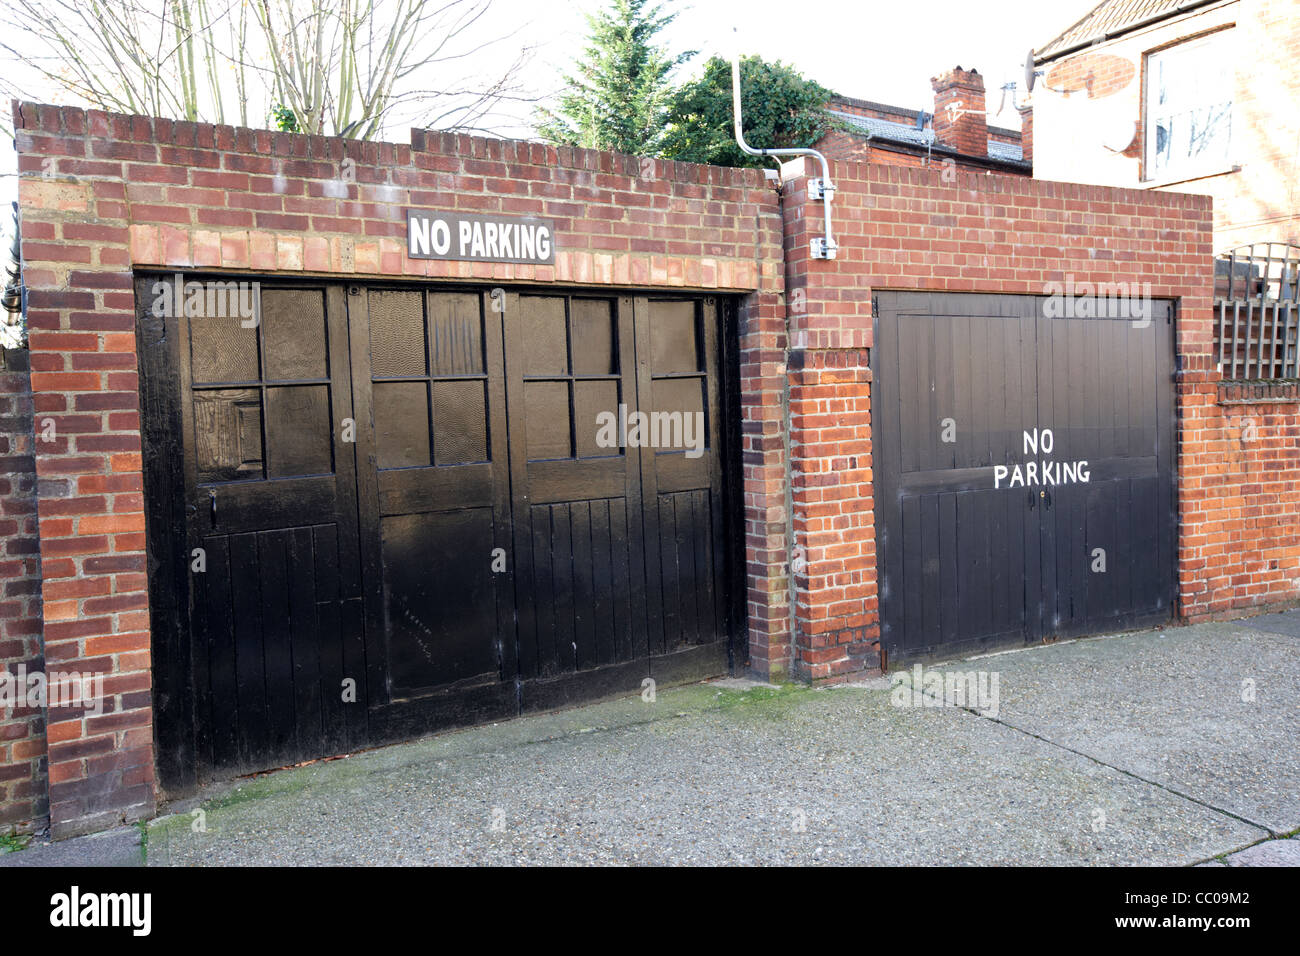 Garajes dobles antiguas sin señales de aparcamiento en la calle en el norte de Londres England Reino Unido Reino Foto de stock